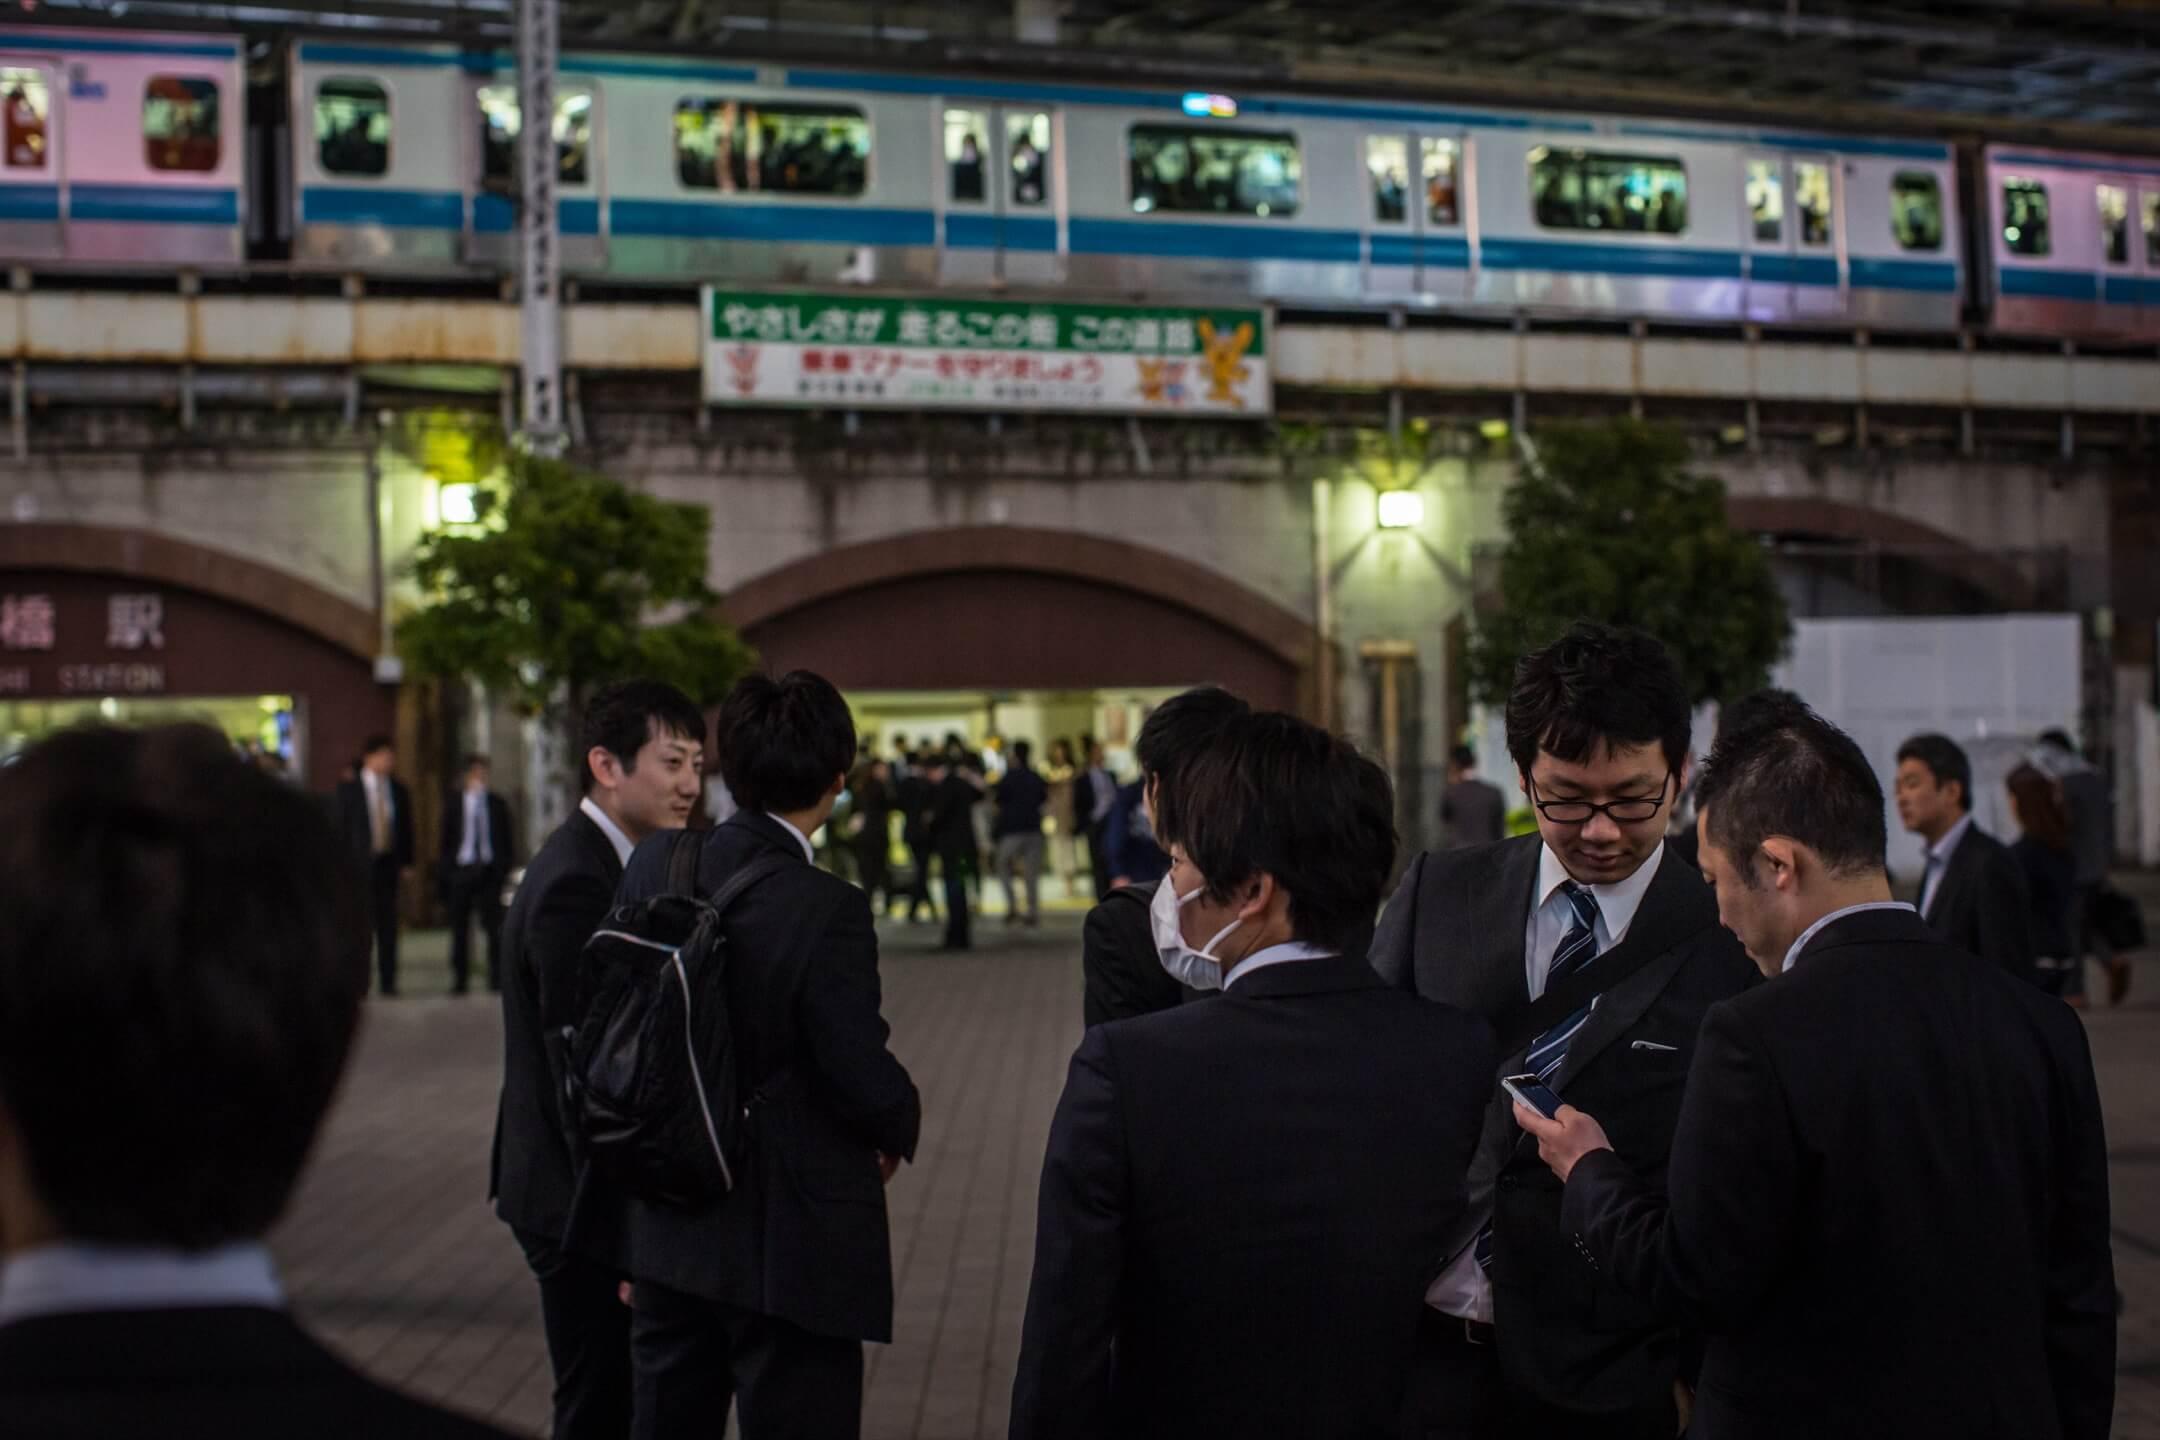 日本社會名之為「2018問題」,簡言之就是指自2018年開始,18歲的人口便一直下降,也即是說適齡的大學生人數會不斷減少。因此直接由此推算,不少私立大學均會面對收生不足的問題,而文部科學省直指往後即將出現大學界的淘汰年代,也絕不稀奇。 攝:Chris McGrath/Getty Images